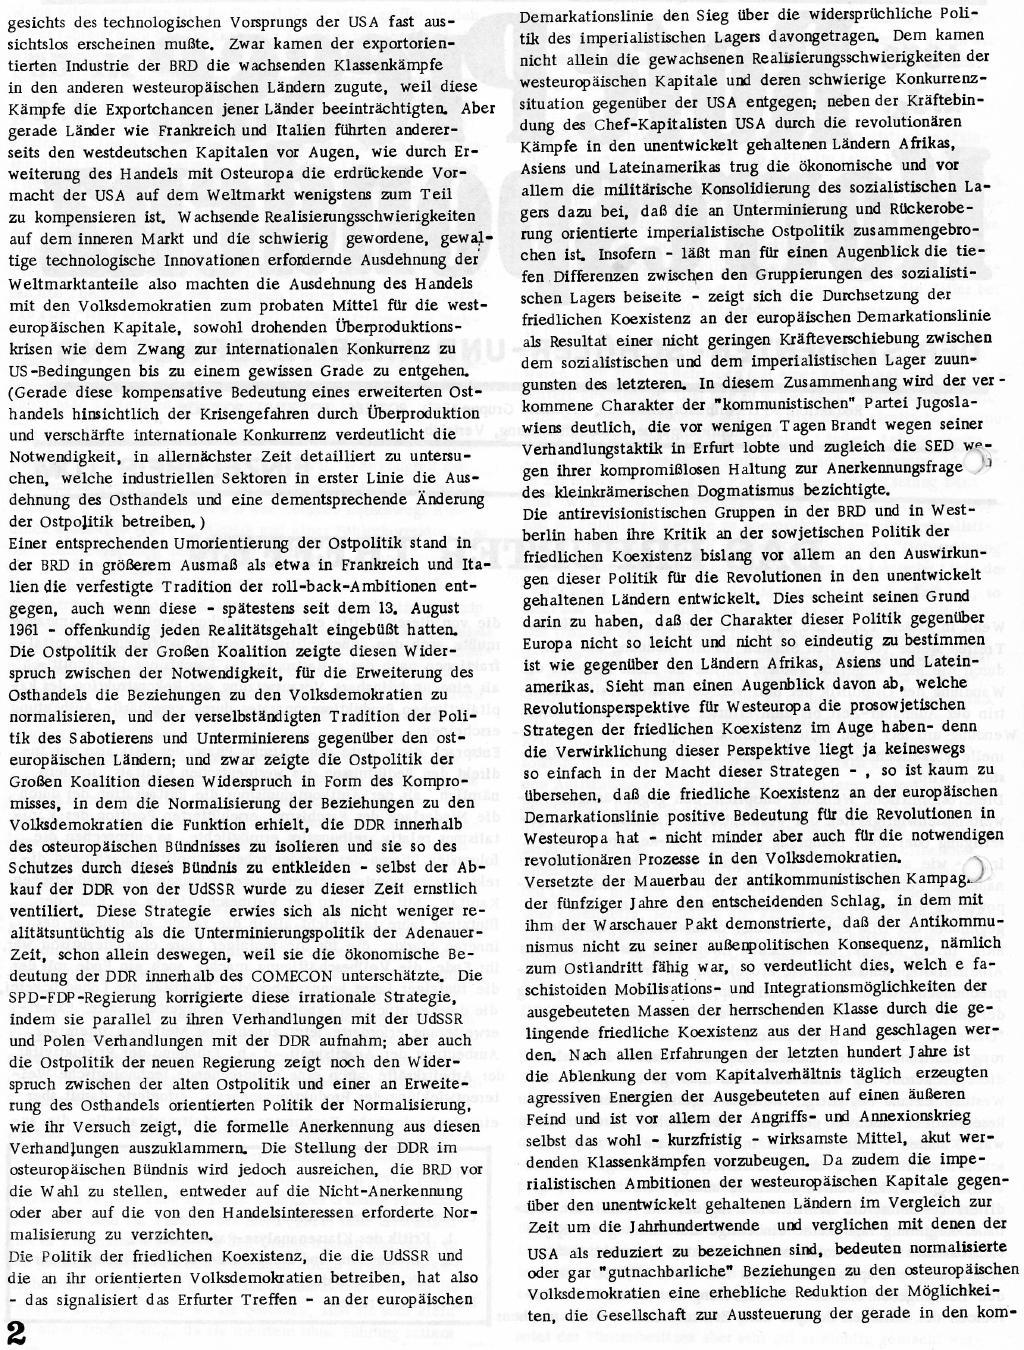 RPK_1970_059_02